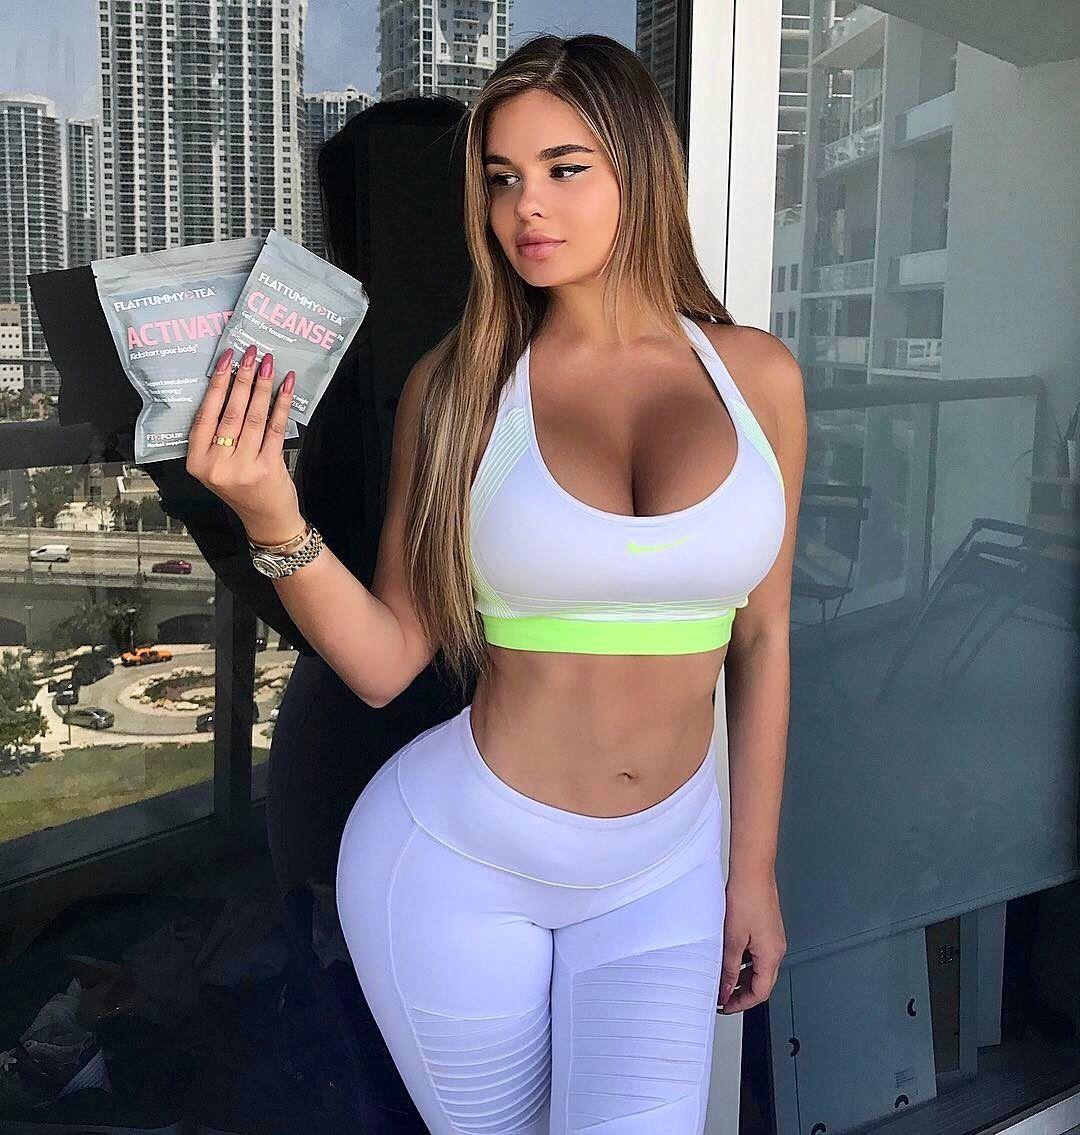 Zully the best ass of venezuela mix00 - 2 5